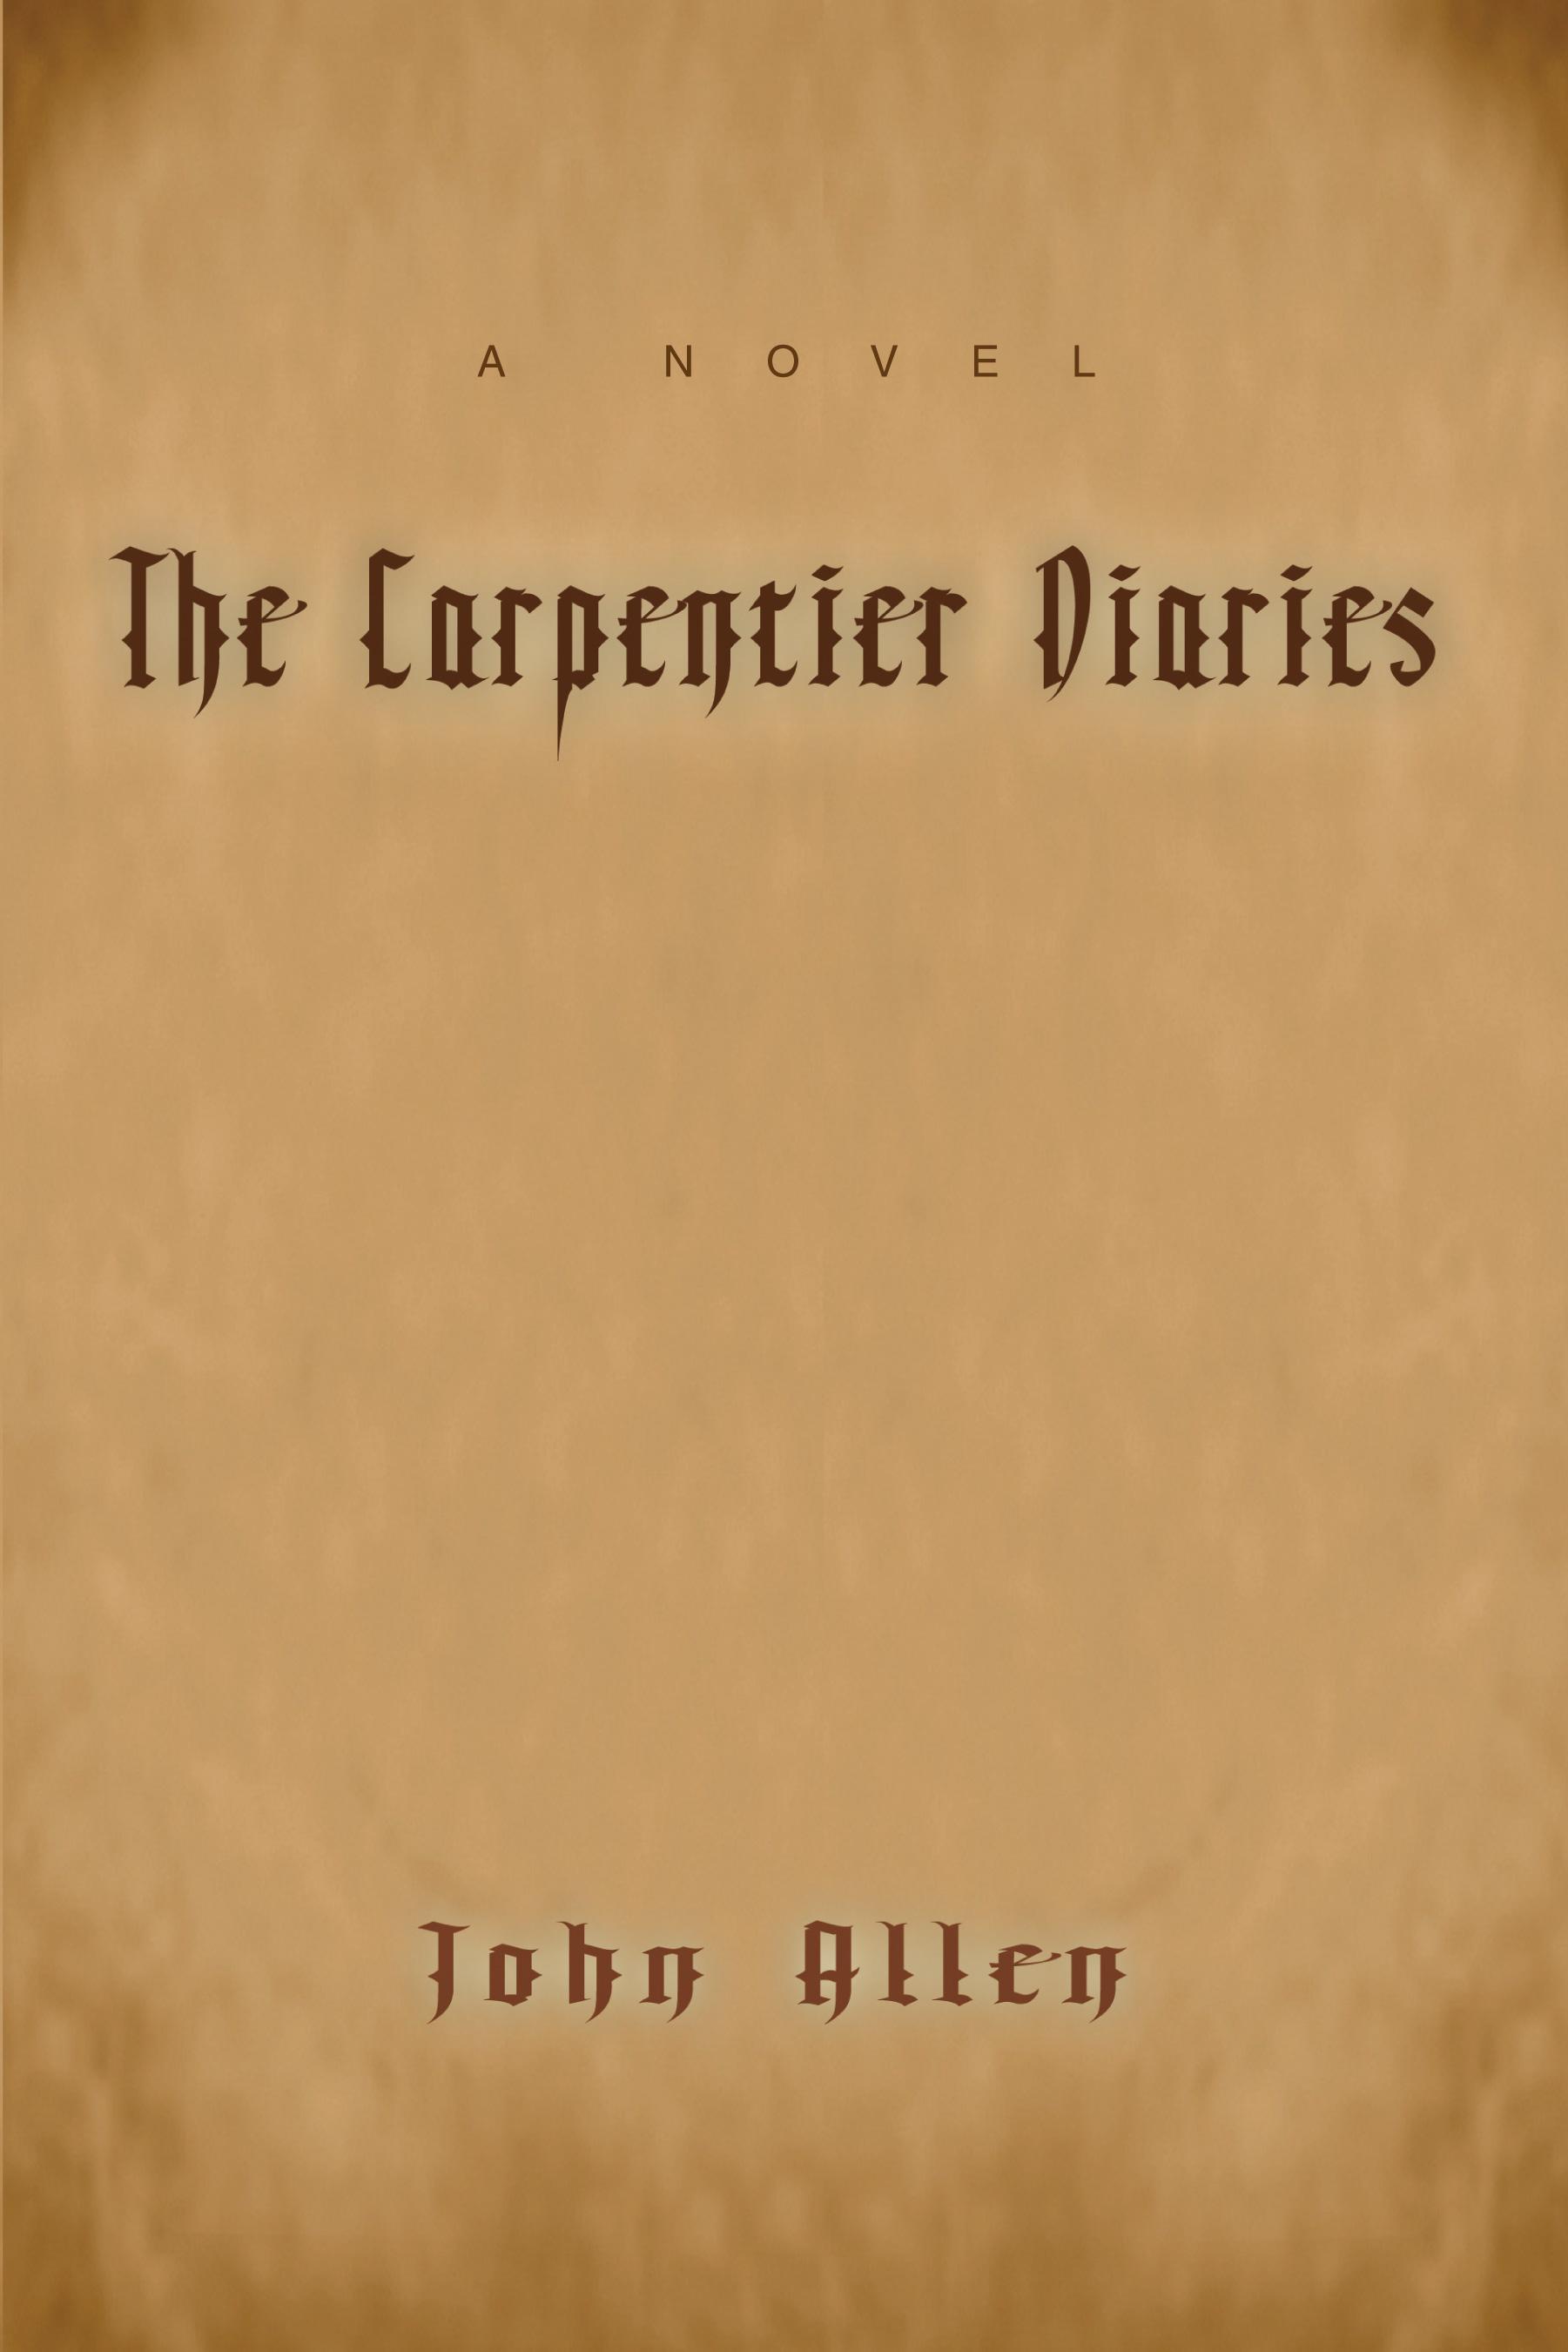 The Carpentier Diaries